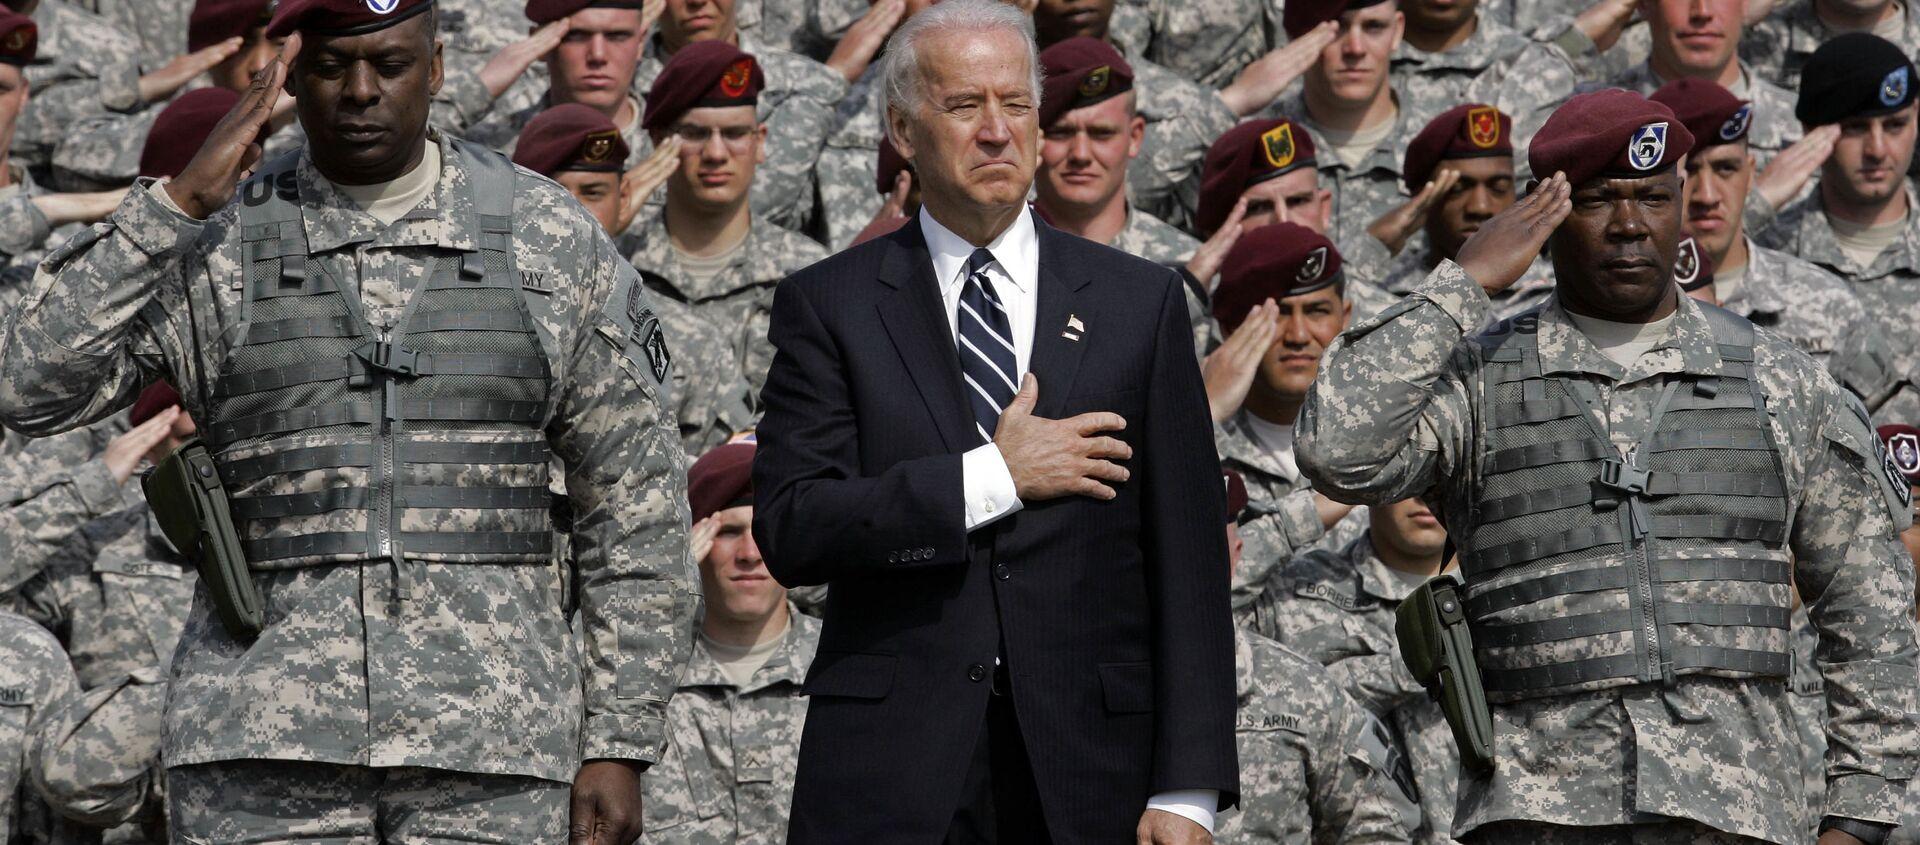 Phó Tổng thống Joe Biden hát quốc ca với các quân nhân trở về từ Iraq - Sputnik Việt Nam, 1920, 14.05.2021